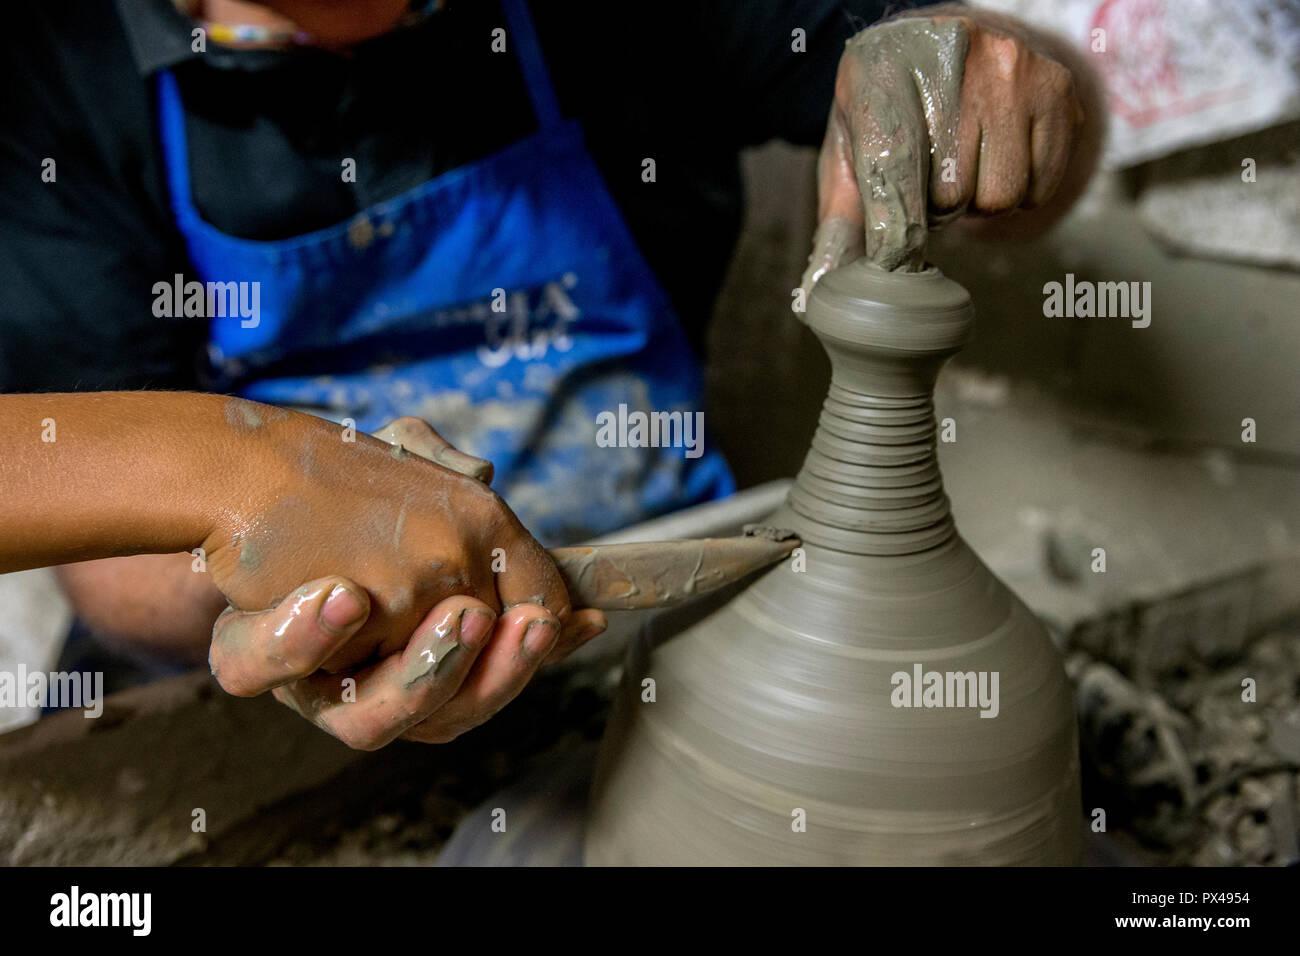 Laboratorio di ceramica a Tricase, Puglia, Italia. Adulto che mostra un bambino la ceramica tecnica. Immagini Stock